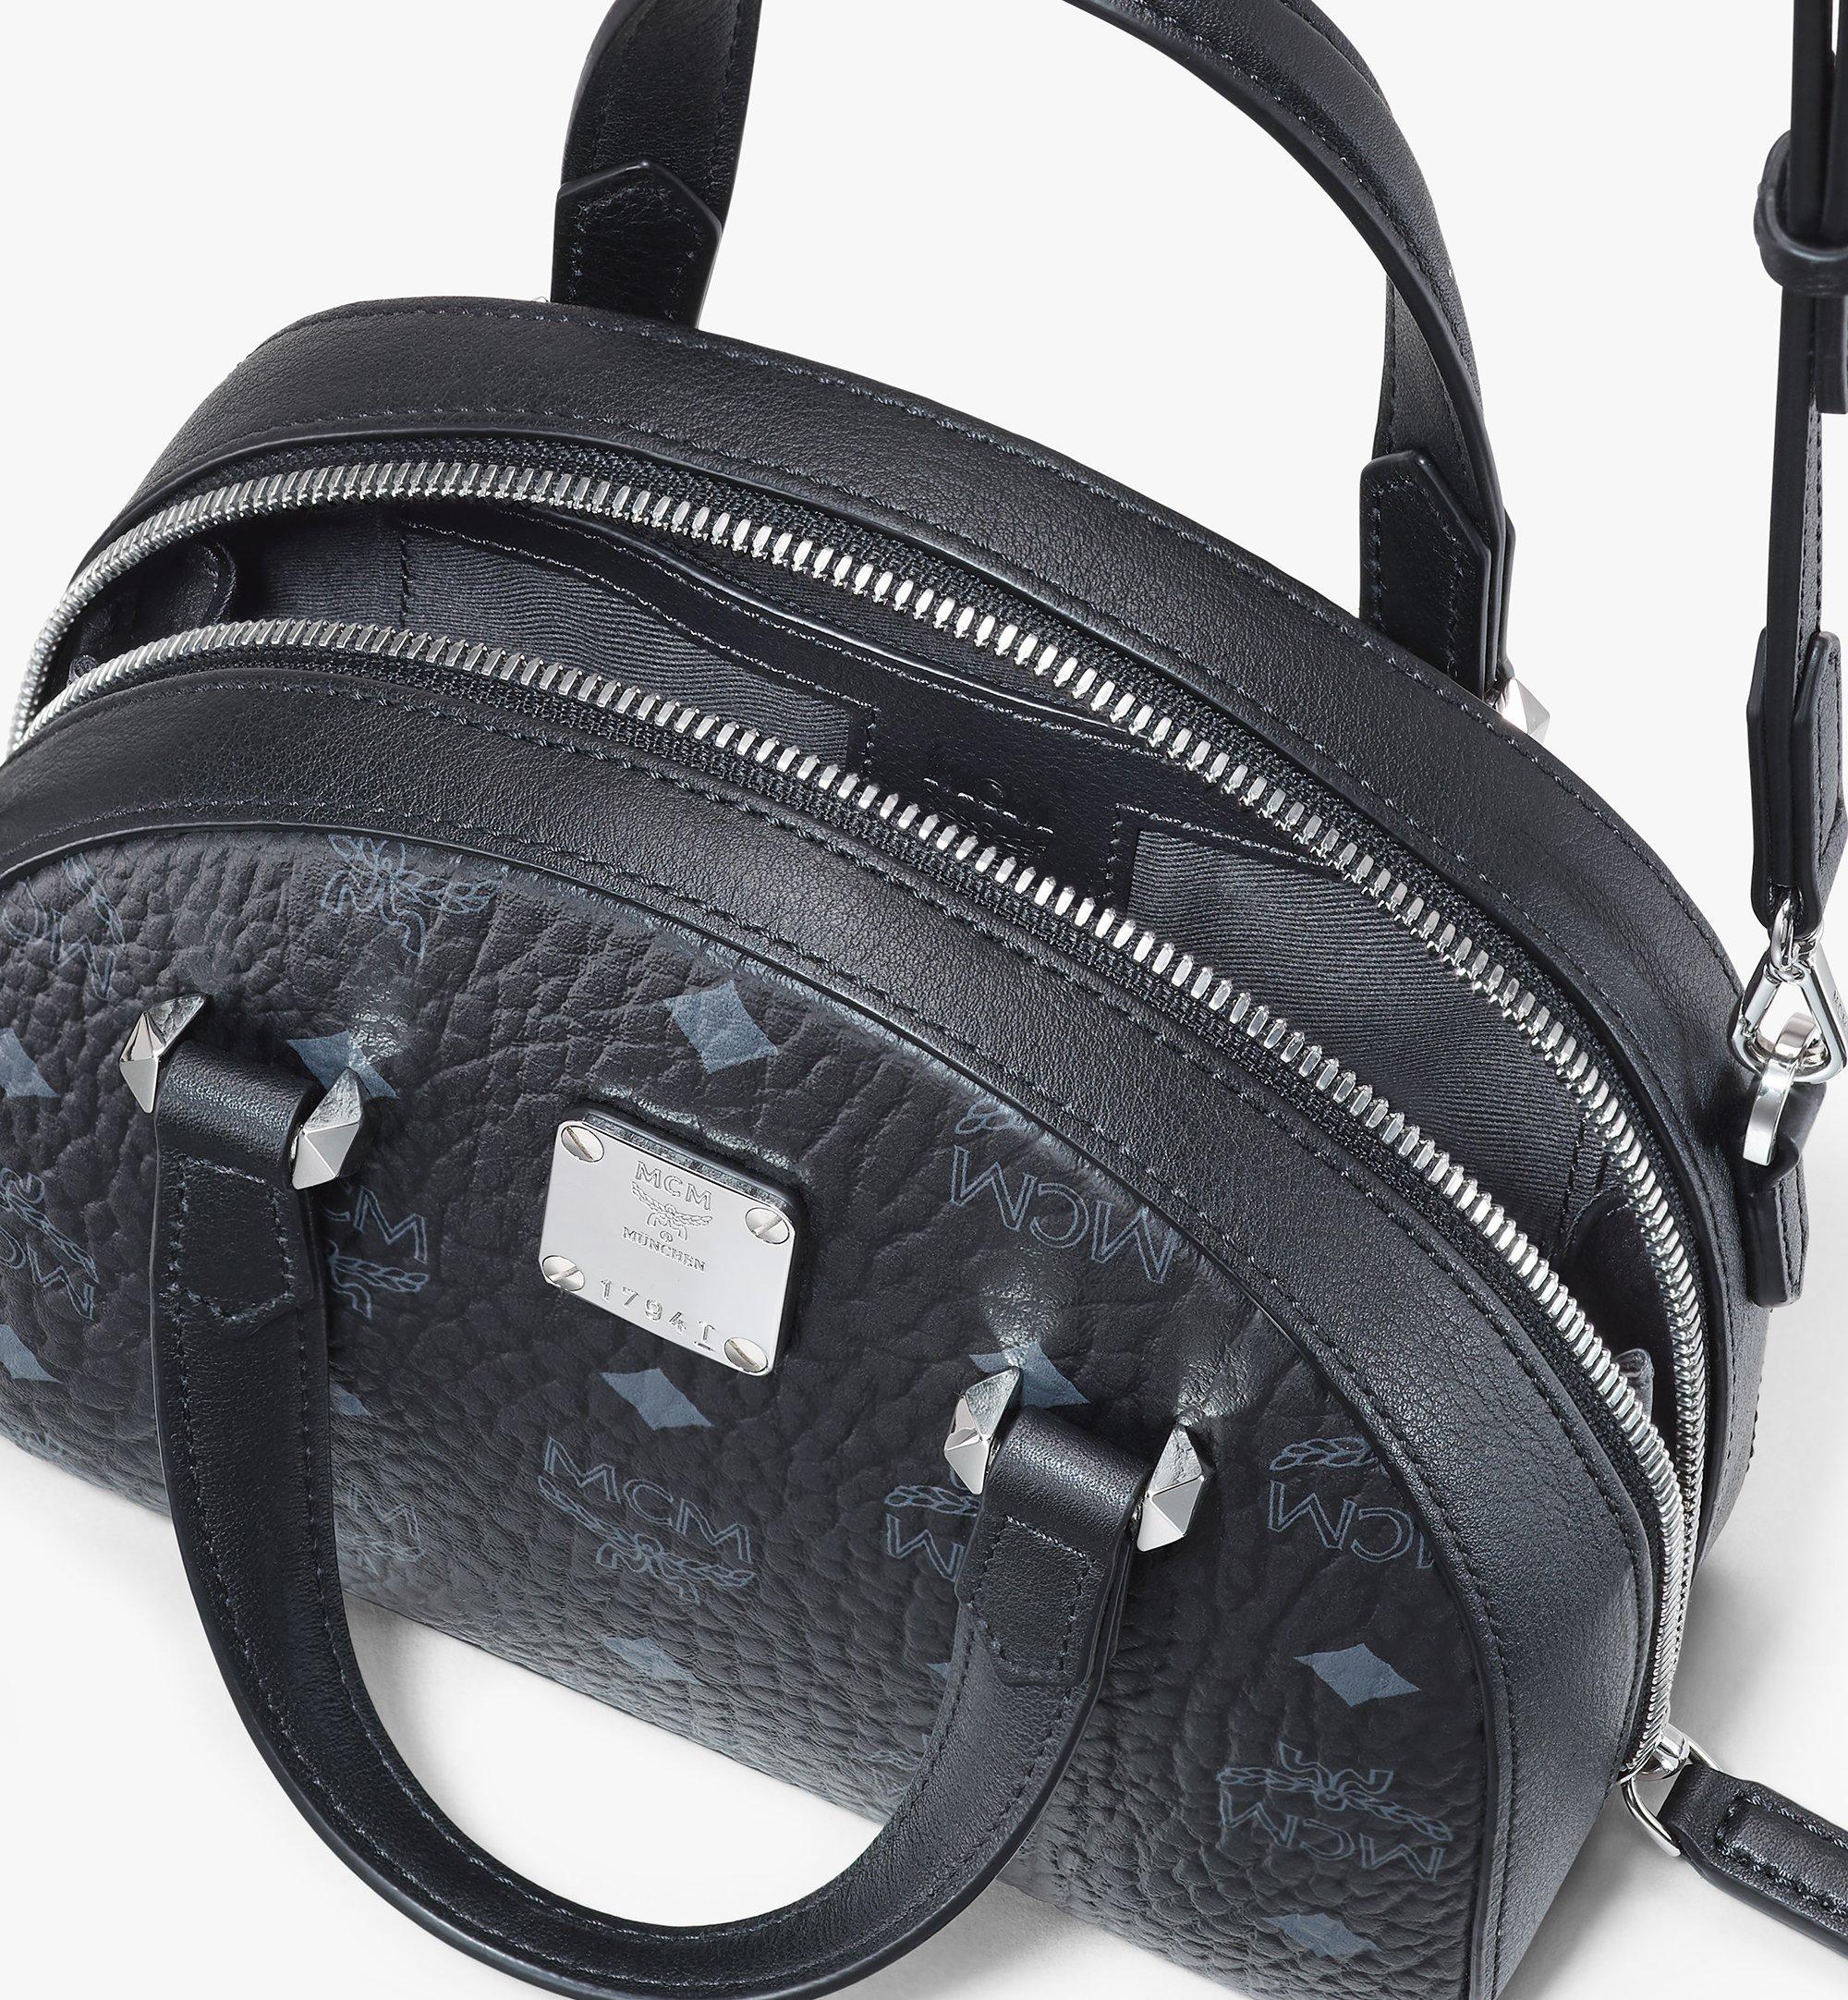 MCM 〈エッセンシャル〉ハーフムーン トートバッグ - ヴィセトス オリジナル Black MWTASSE20BK001 ほかの角度から見る 3